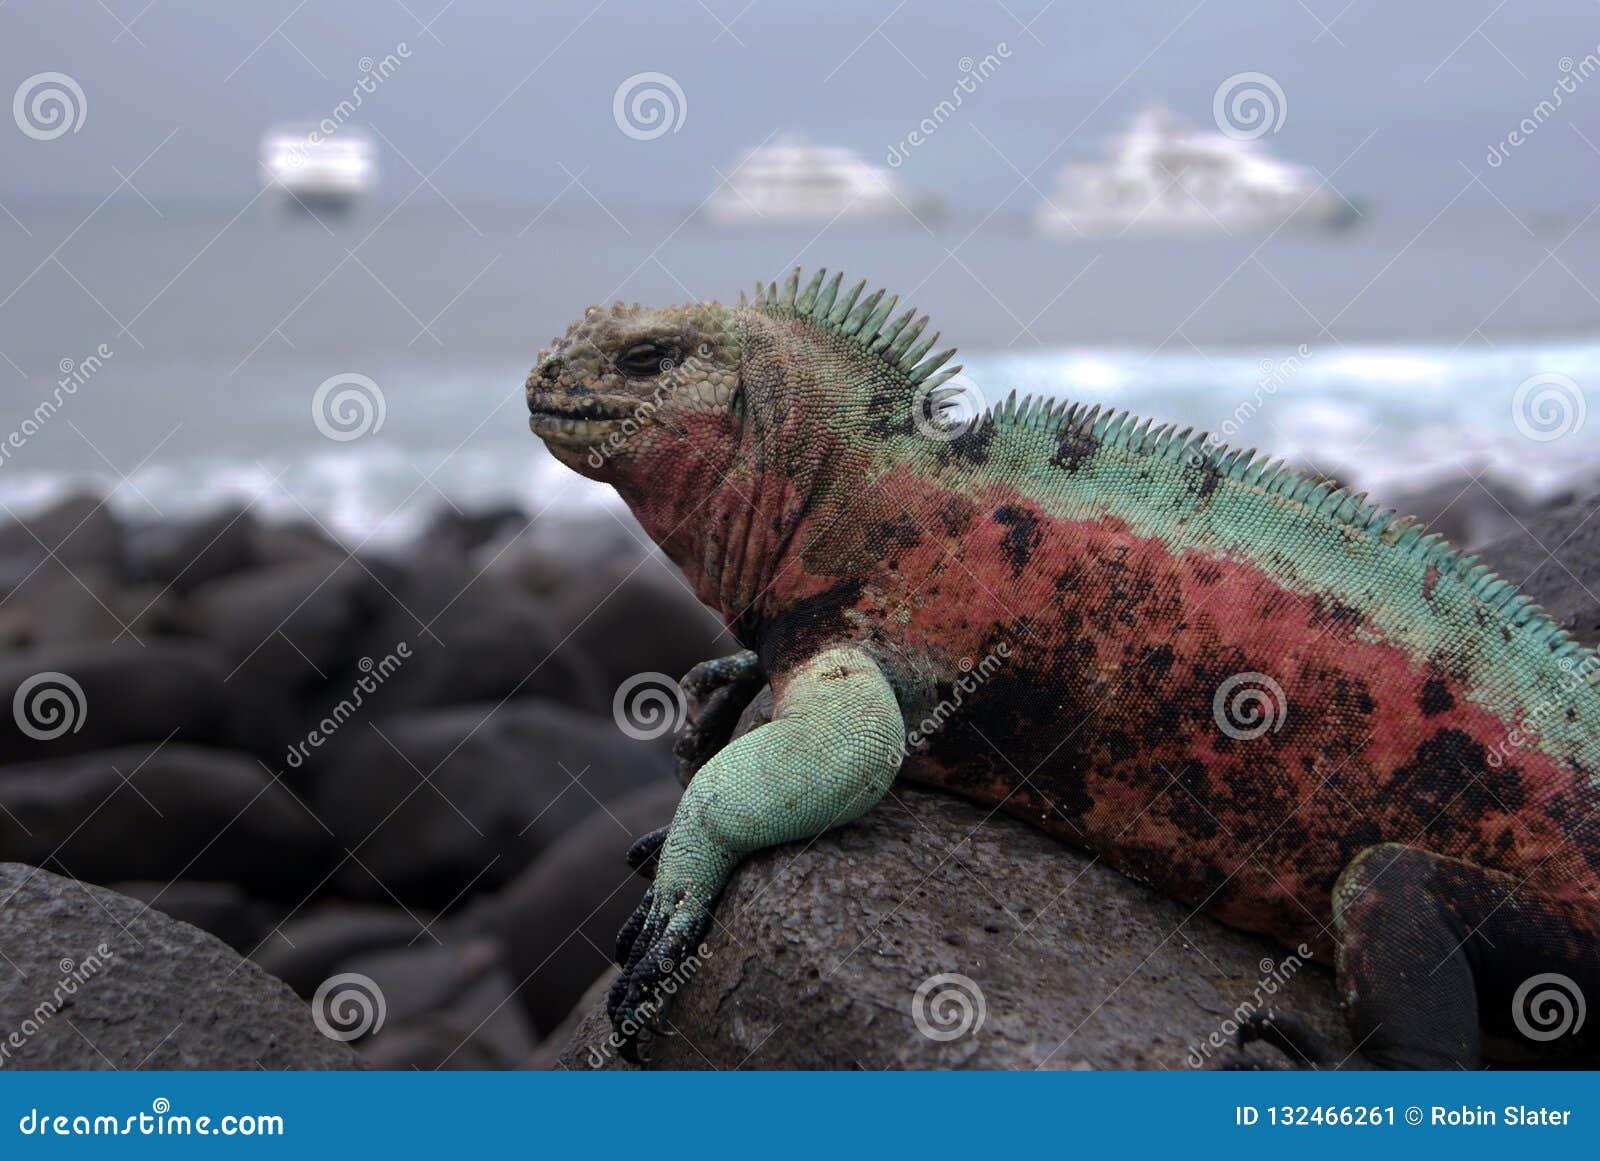 Ilhas Galápagos Marine Iguana que toma sol em rochas vulcânicas